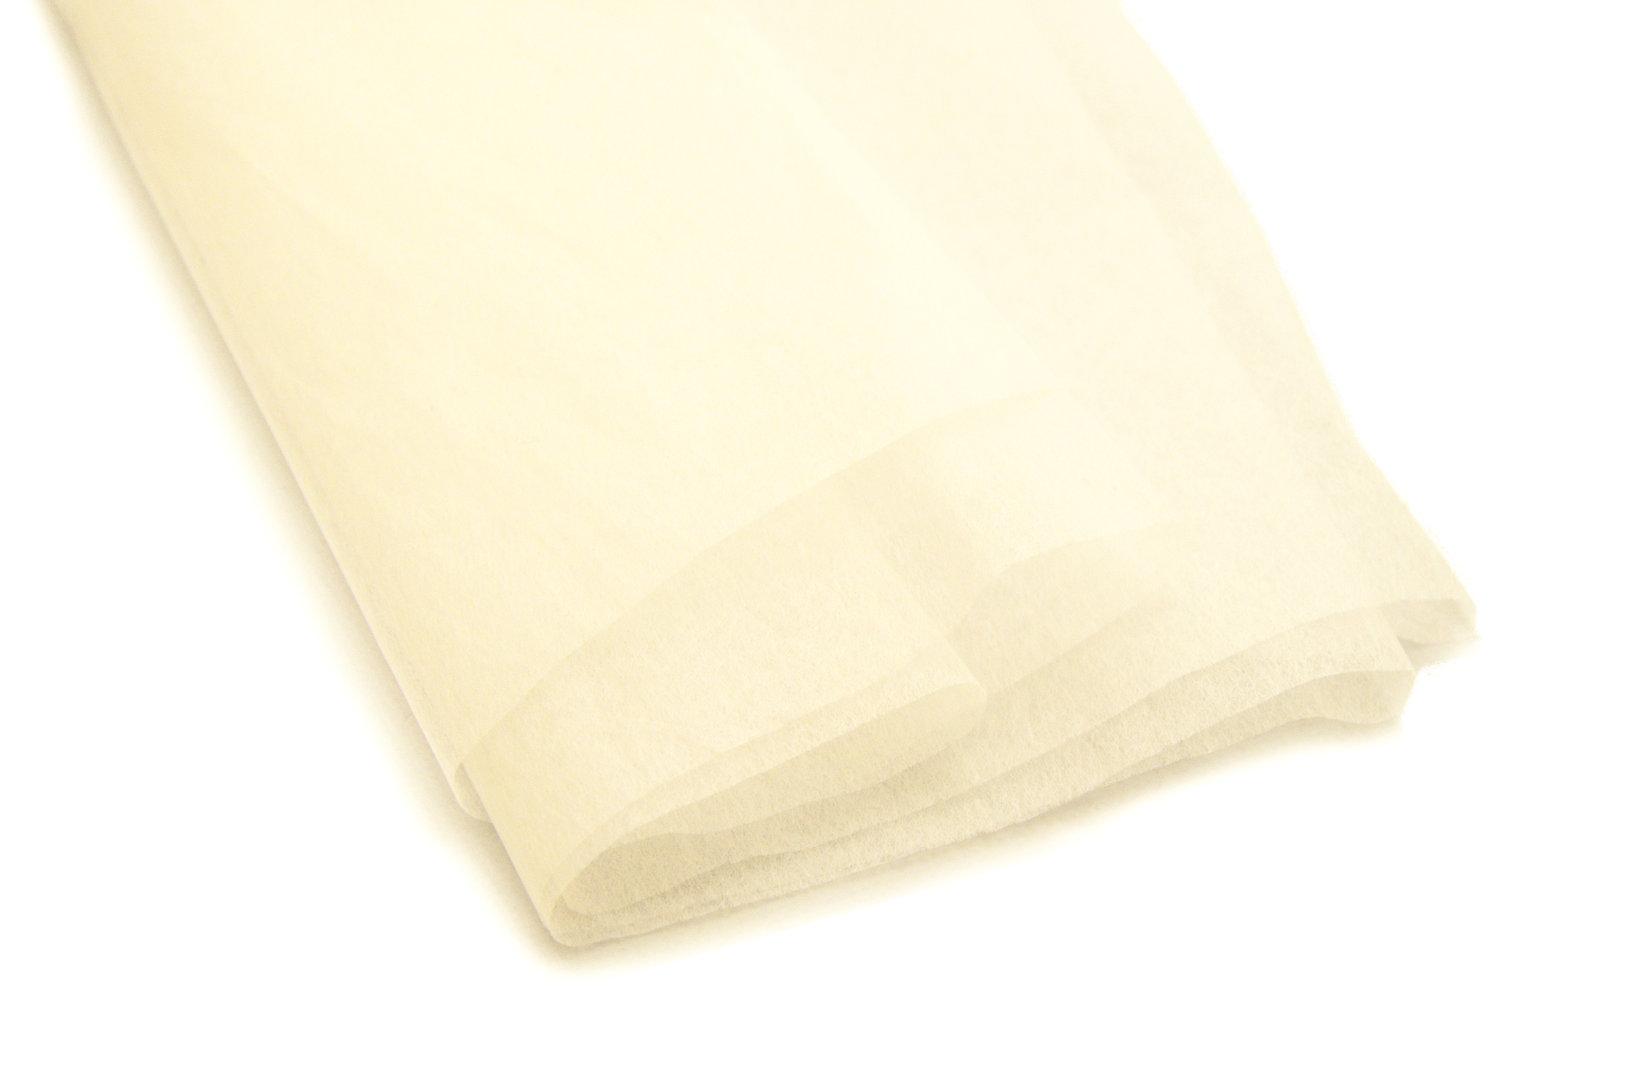 japanpapier seidenpapier 12 g m online kaufen. Black Bedroom Furniture Sets. Home Design Ideas